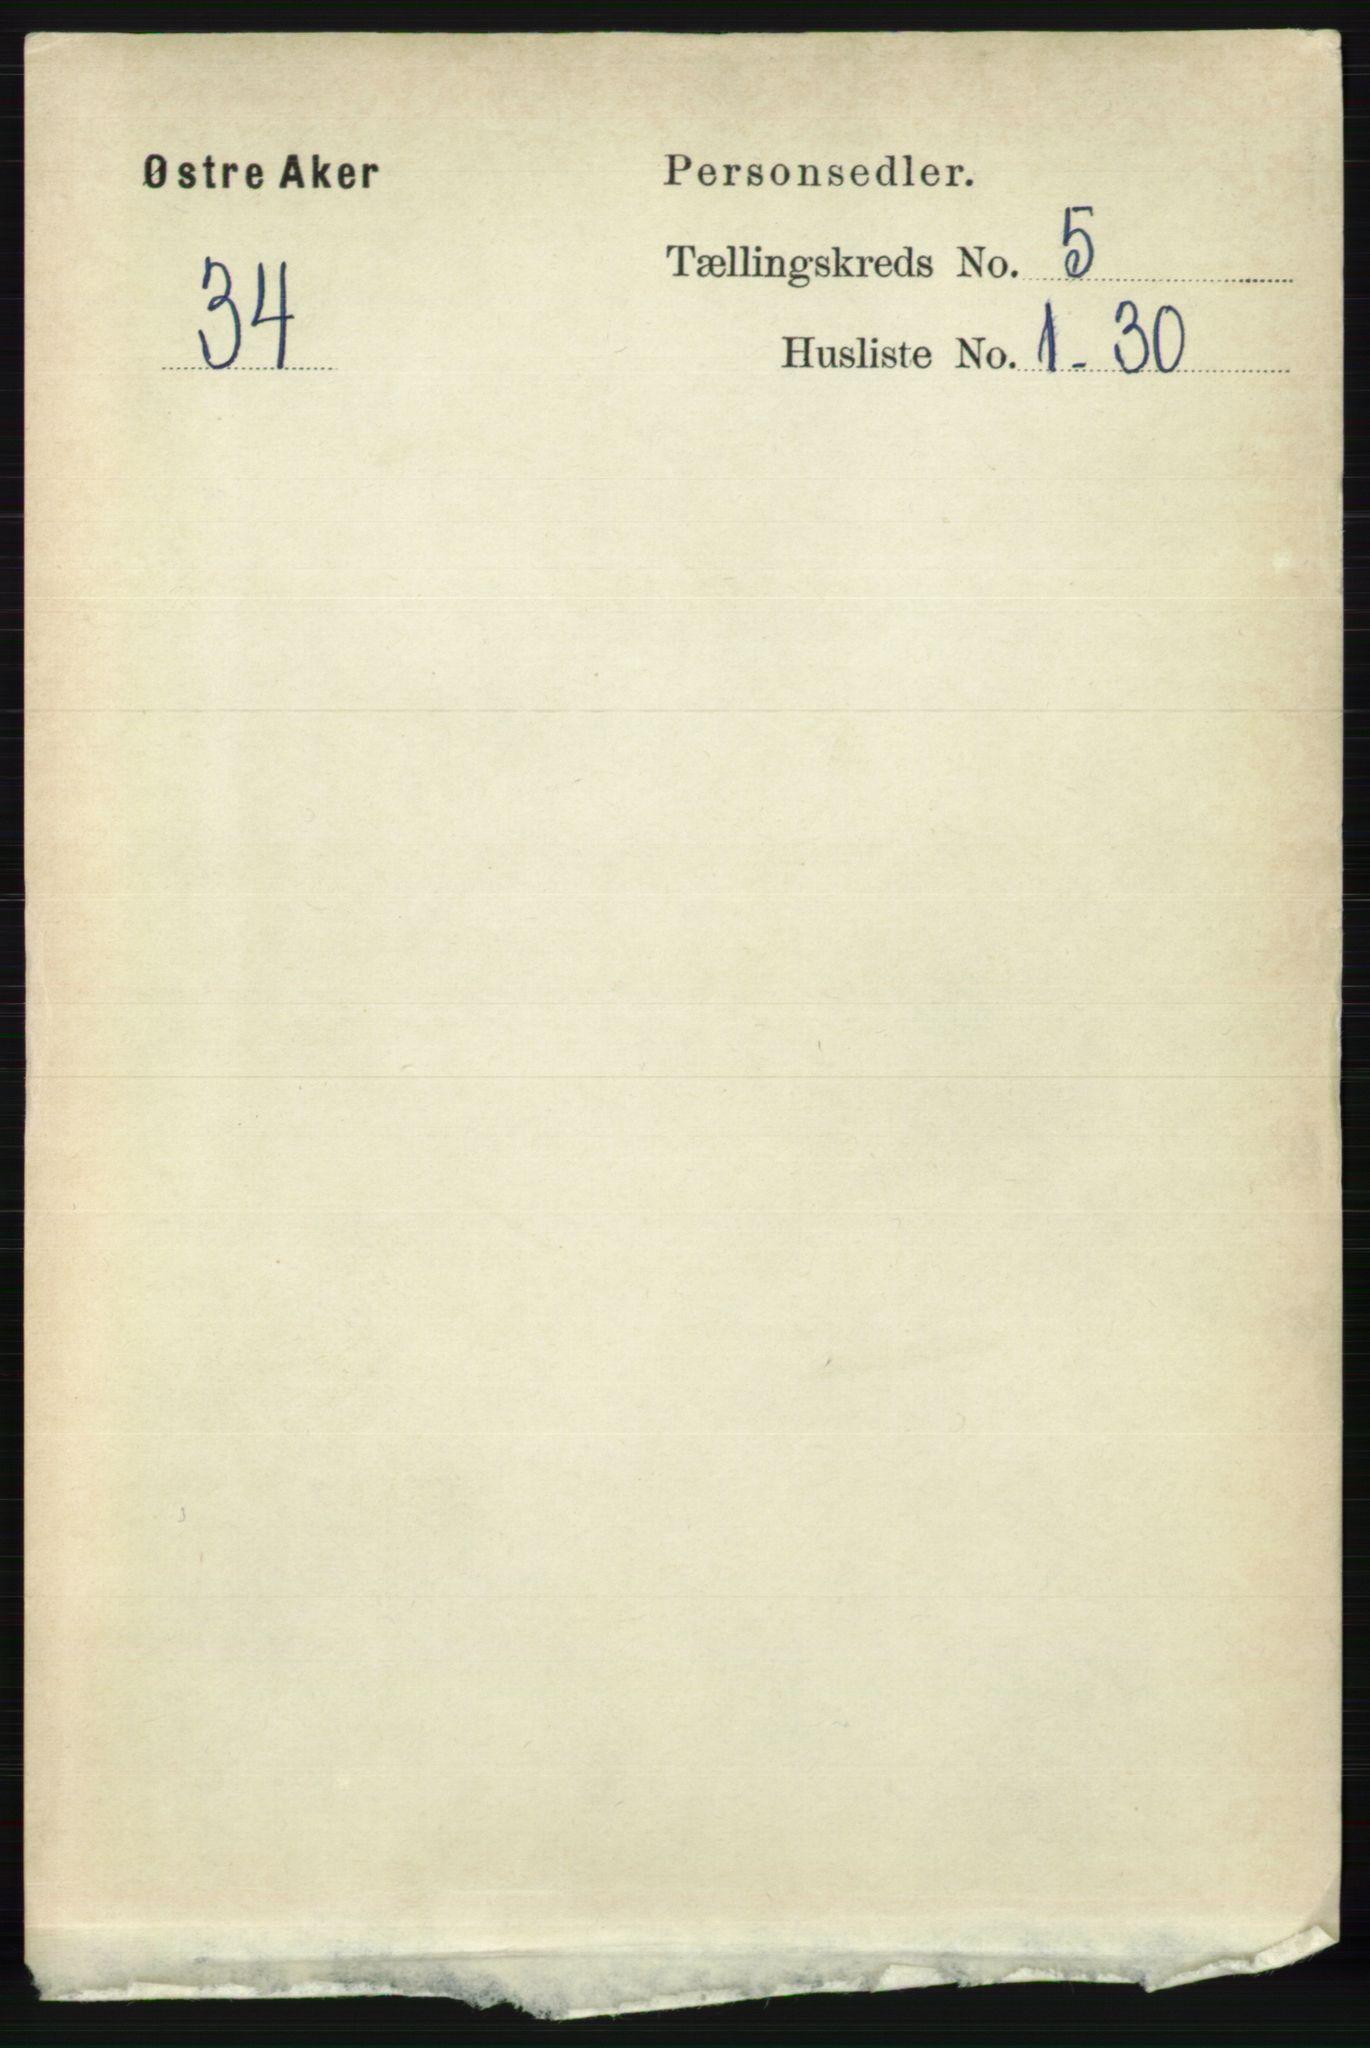 RA, Folketelling 1891 for 0218 Aker herred, 1891, s. 4970